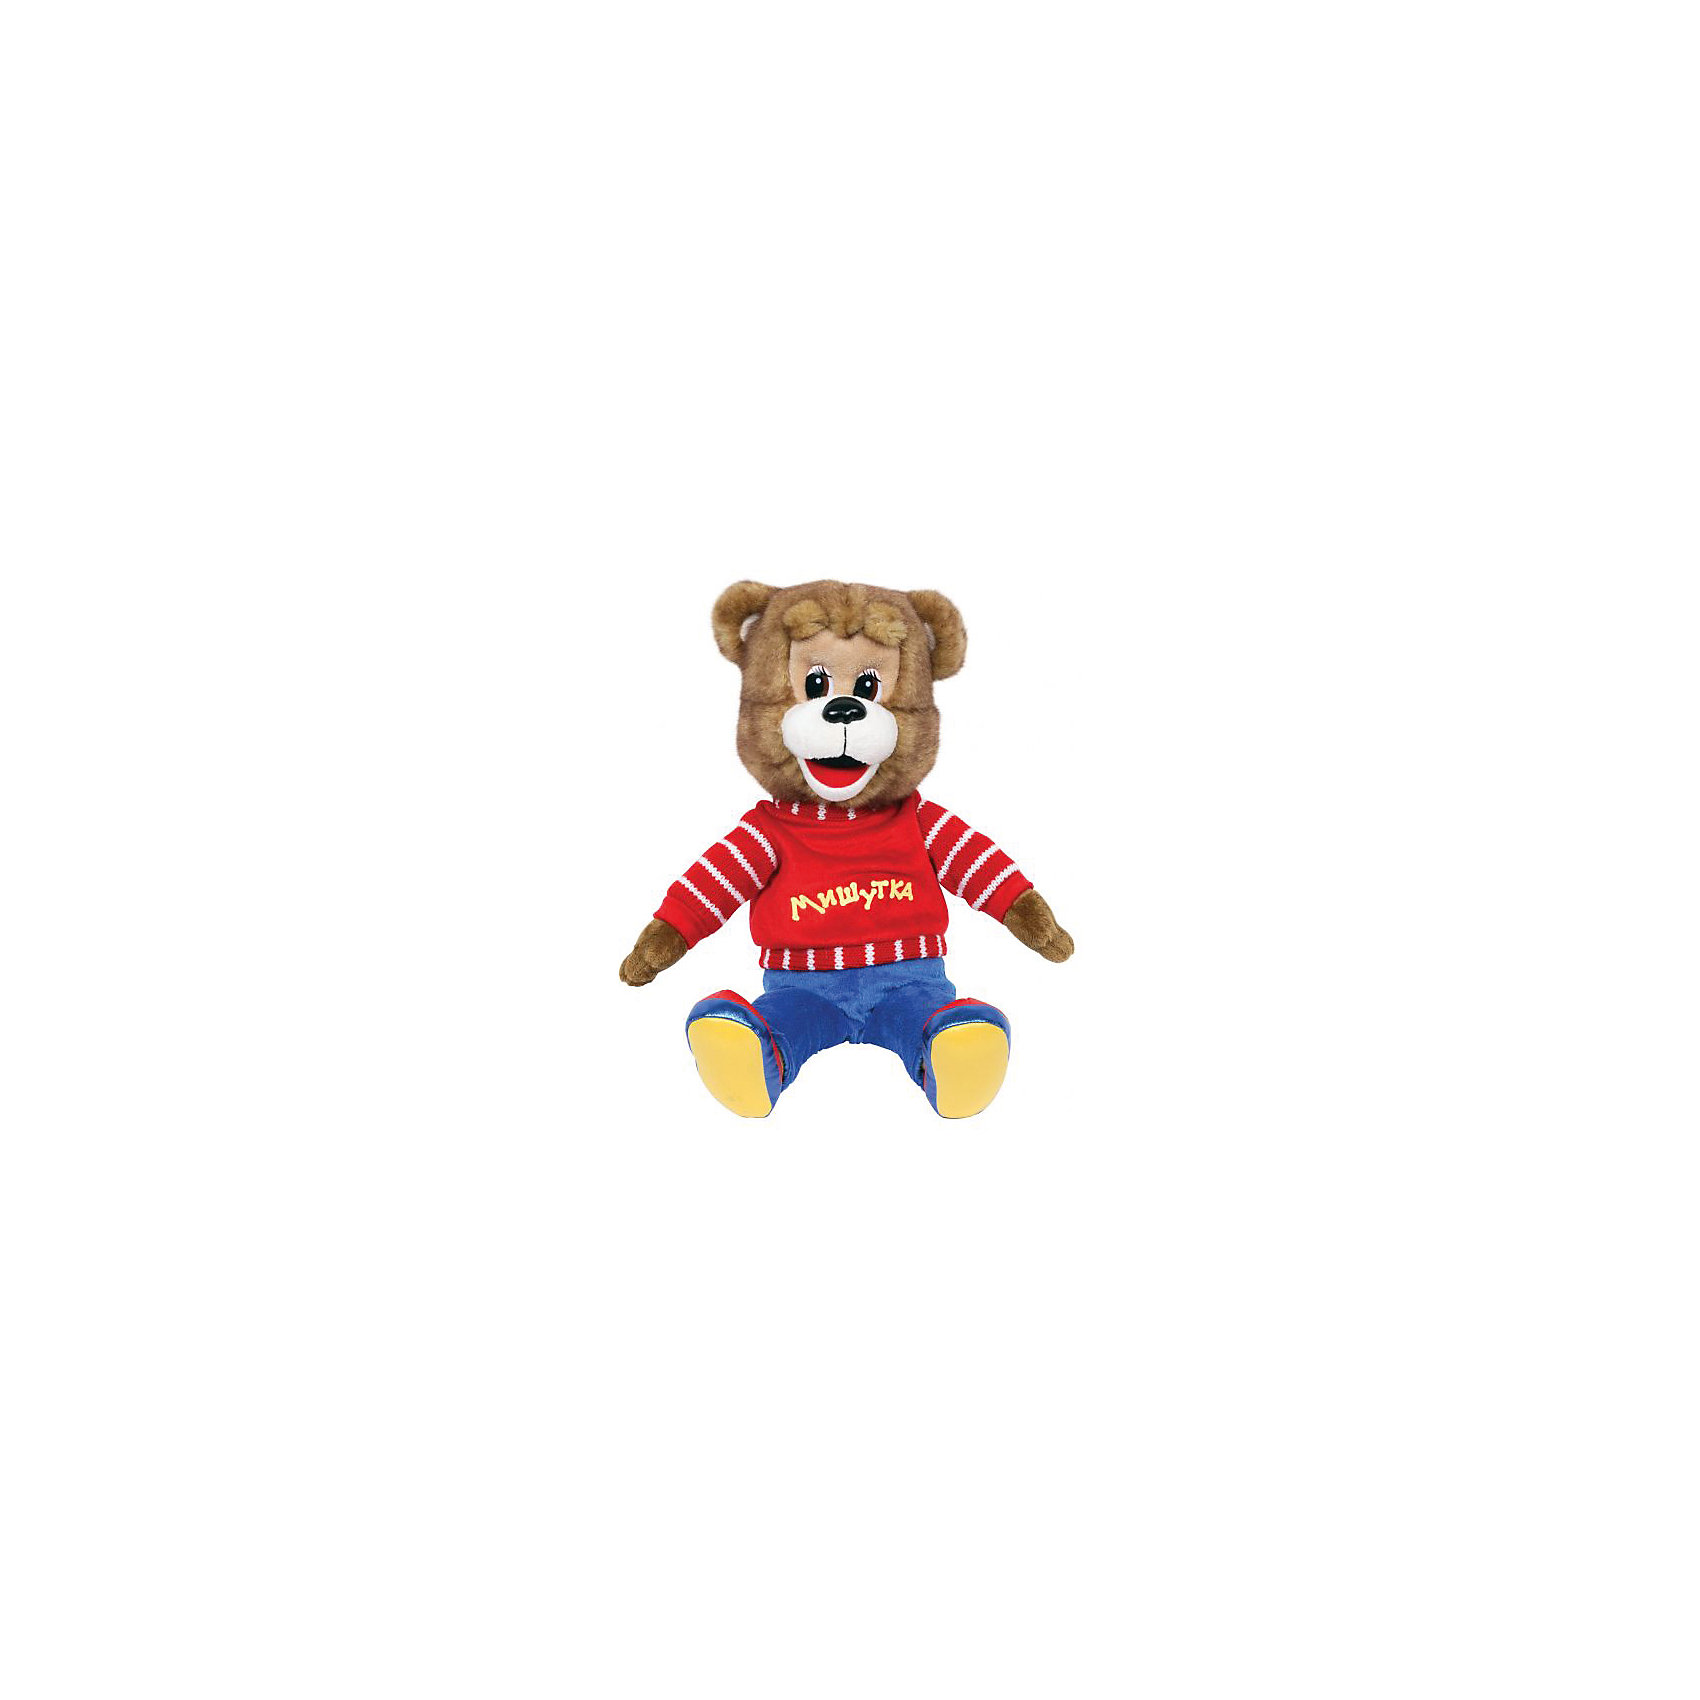 Мягкая игрушка Мишутка, 23 см, со звуком, МУЛЬТИ-ПУЛЬТИМягкая озвученная игрушка Мульти-Пульти Мишутка вызовет улыбку у каждого, кто ее увидит! Она выполнена по мотивам всеми любимой передачи Спокойной ночи, малыши!. Мишутка добрый и очень рассудительный, он знает стихи, фразы и может спеть колыбельную. Собирайте всех персонажей и устраивайте собственную телепередачу! Игрушка подарит своему обладателю хорошее настроение и позволит насладиться обществом любимого героя. Его можно брать с собой в путешествия. С такой игрушкой будет весело, она развивает фантазию, слух, память!<br><br>Дополнительная информация:<br><br>- Игрушка с музыкальным блоком;<br>- 3 фразы, 1 стишок, колыбельная песенка;<br>- Понравится любителям телепередачи Спокойной ночи, малыши;<br>- Мягкая и приятная на ощупь;<br>- Материал: плюш, текстиль;<br>- 3 батареи LR44 (входят в комплект);<br>- Высота: 23 см;<br>- Размер упаковки: 32 х 11 х 20 см;<br>- Вес: 210 г<br><br>ВНИМАНИЕ! Данная игрушка может быть представлена в различных вариантах исполнения. К сожалению, предварительный выбор невозможен. При заказе нескольких игрушек возможно получение одинаковых.<br><br>Мягкую игрушку Мишутка, 23 см, со звуком, МУЛЬТИ-ПУЛЬТИ в ассортименте можно купить в нашем интернет-магазине.<br><br>Ширина мм: 320<br>Глубина мм: 110<br>Высота мм: 200<br>Вес г: 210<br>Возраст от месяцев: 12<br>Возраст до месяцев: 60<br>Пол: Унисекс<br>Возраст: Детский<br>SKU: 3939484